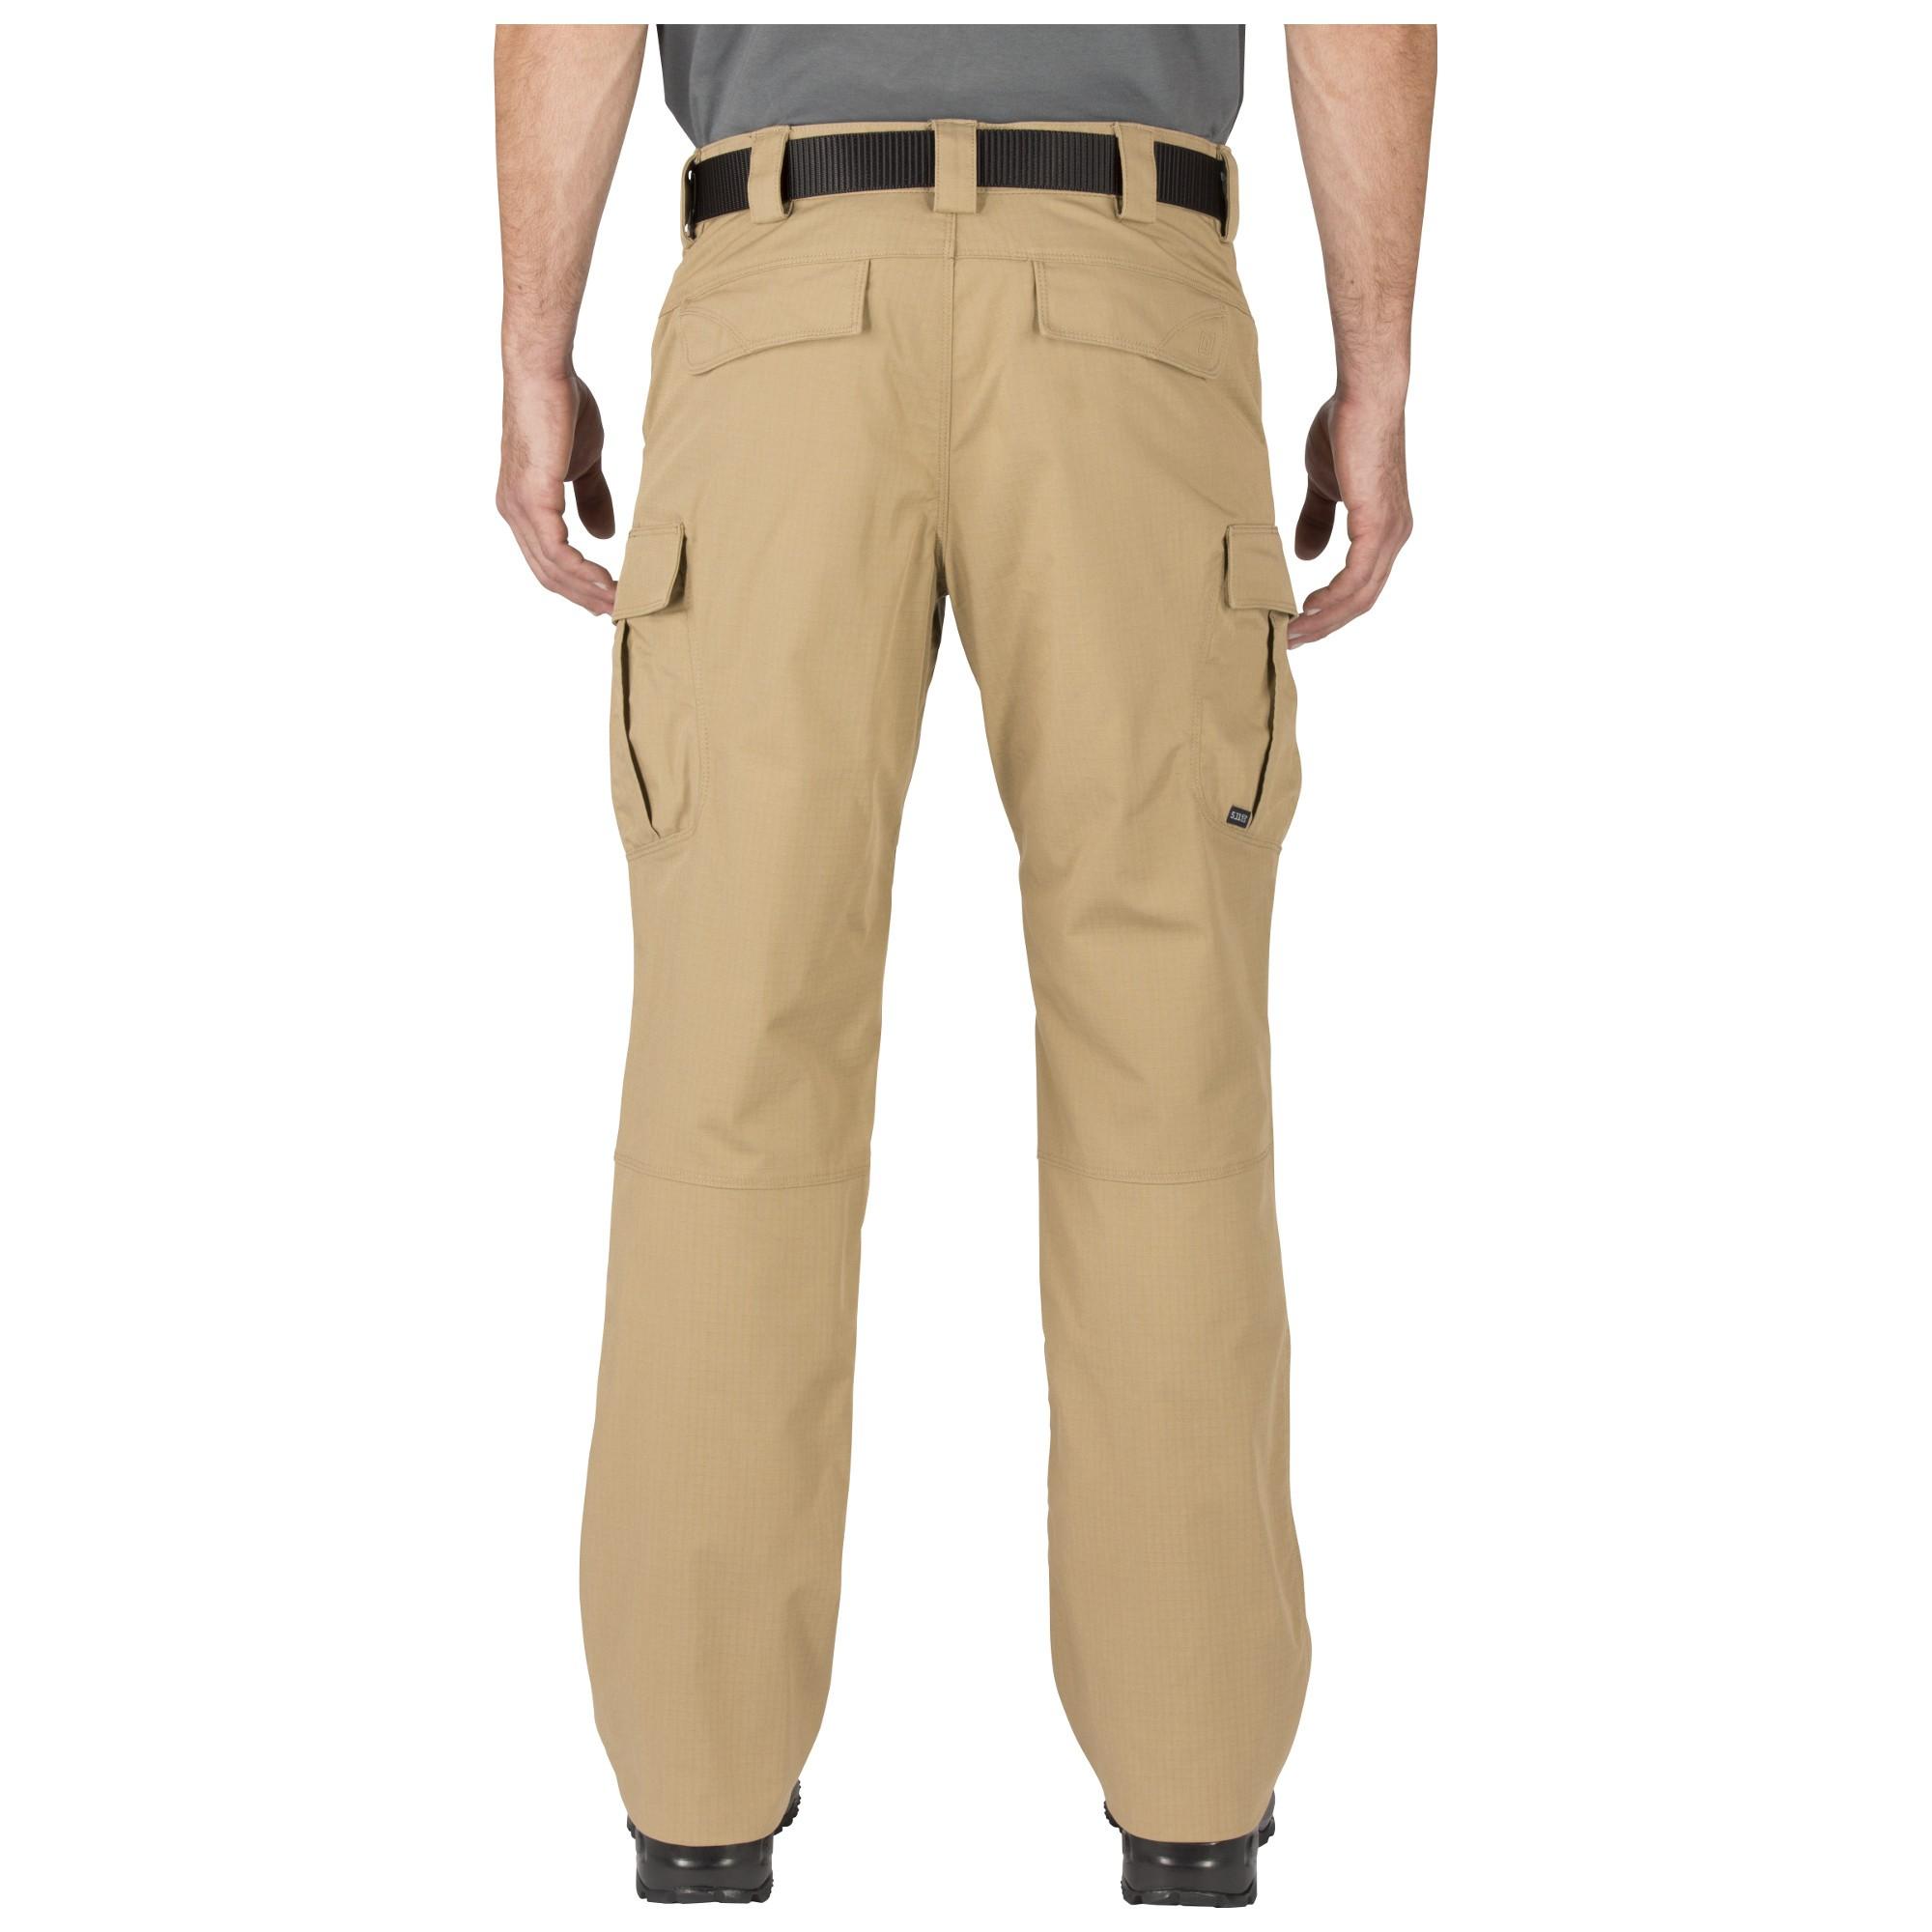 מכנס טקטי 5.11 STRYKE™ PANT COYOTE